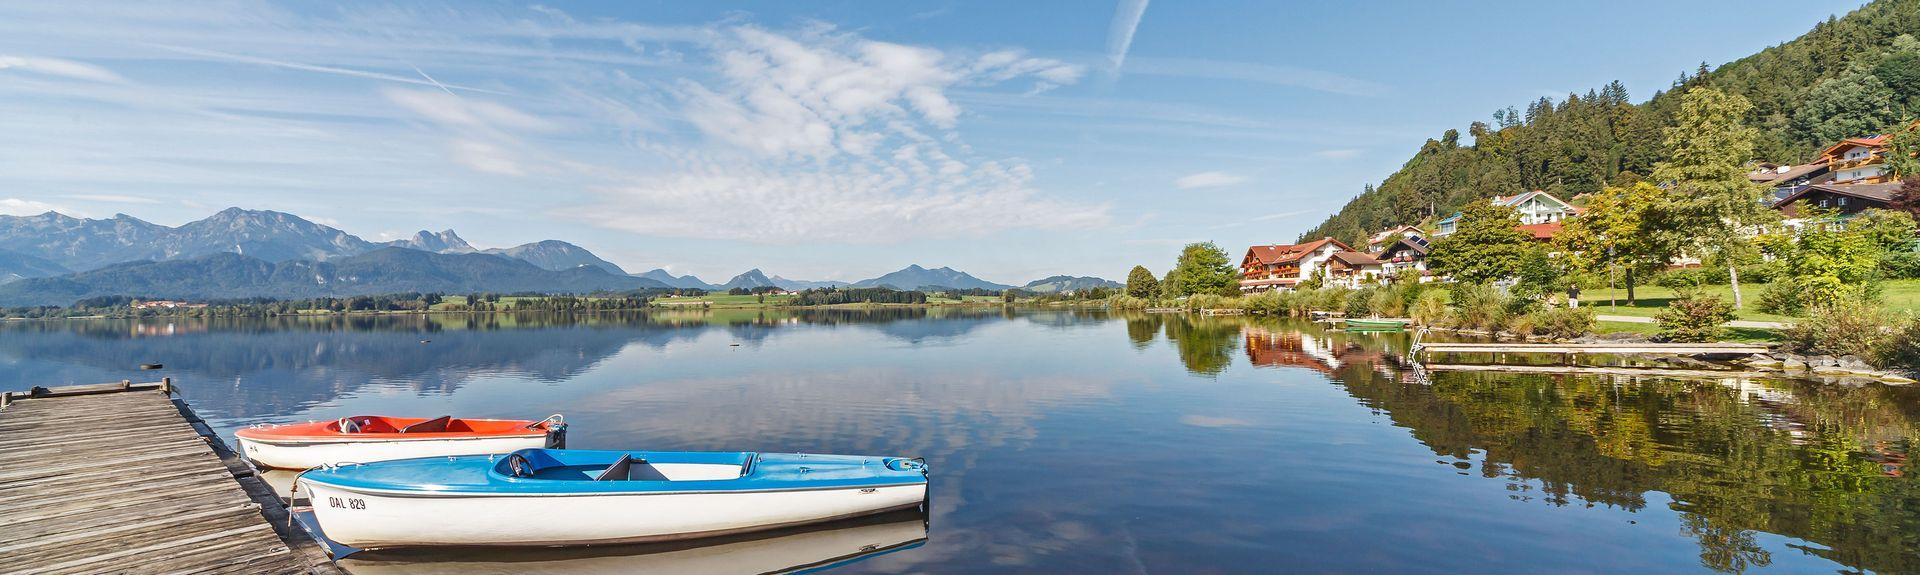 Hopfen am See, Füssen, Bayern, Deutschland